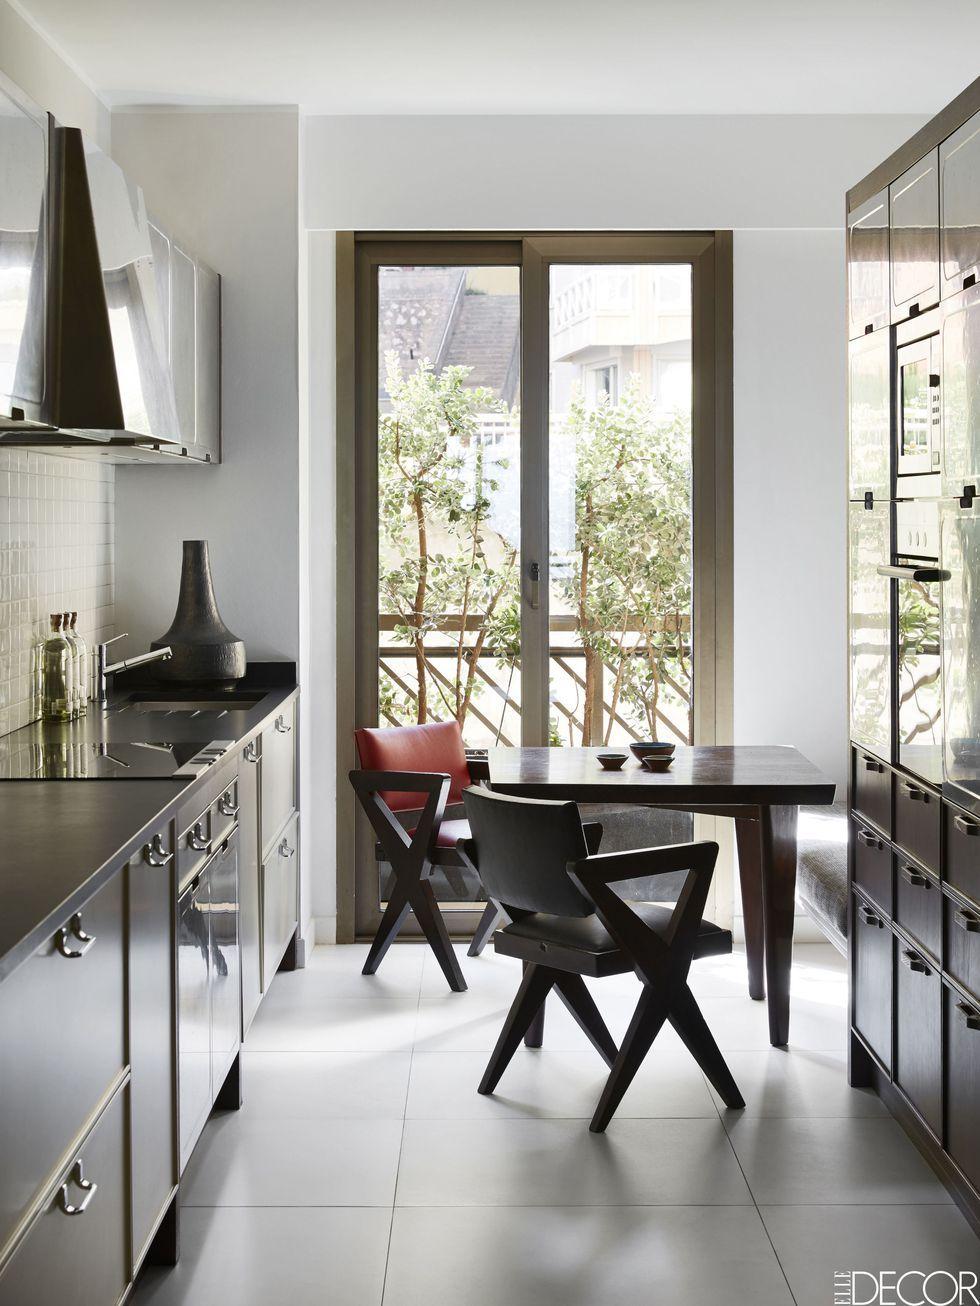 26 gorgeous black \u0026 white kitchens ideas for black \u0026 white decor